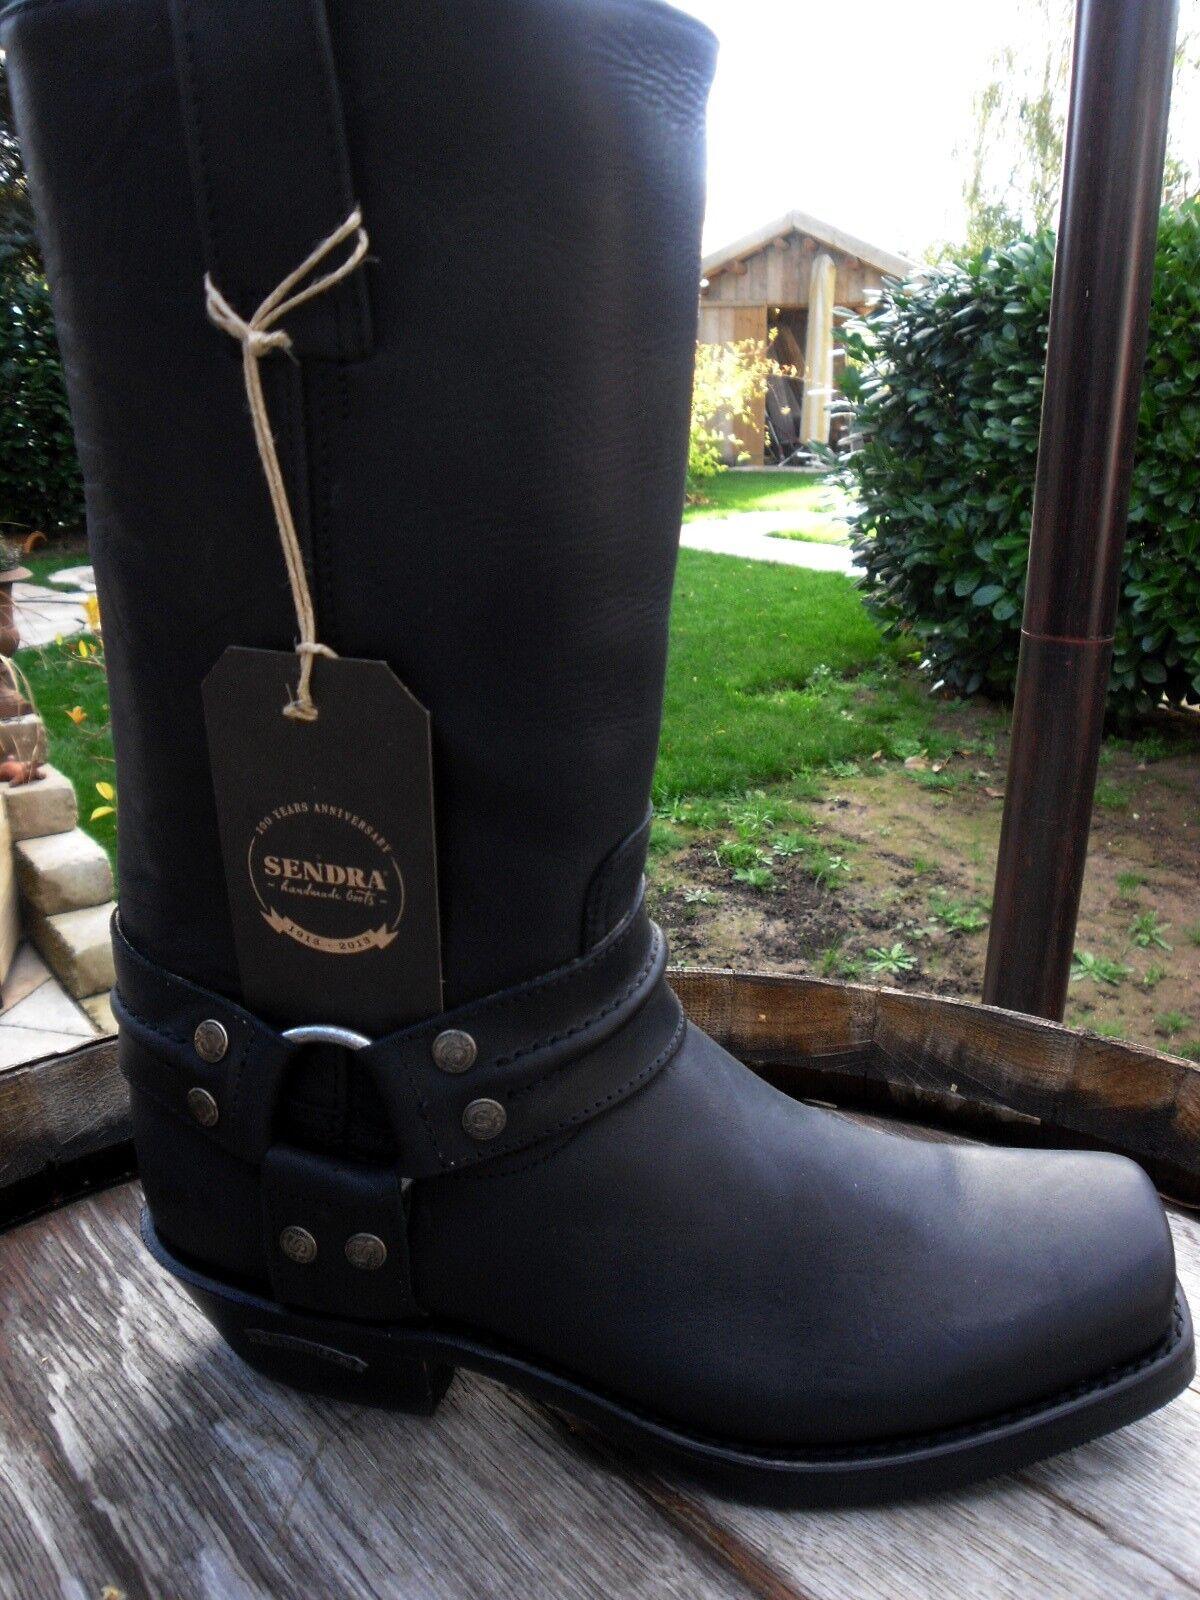 Sendra Biker botas 7410 Grasa cuero negro (sprinter estrella negra) = 41